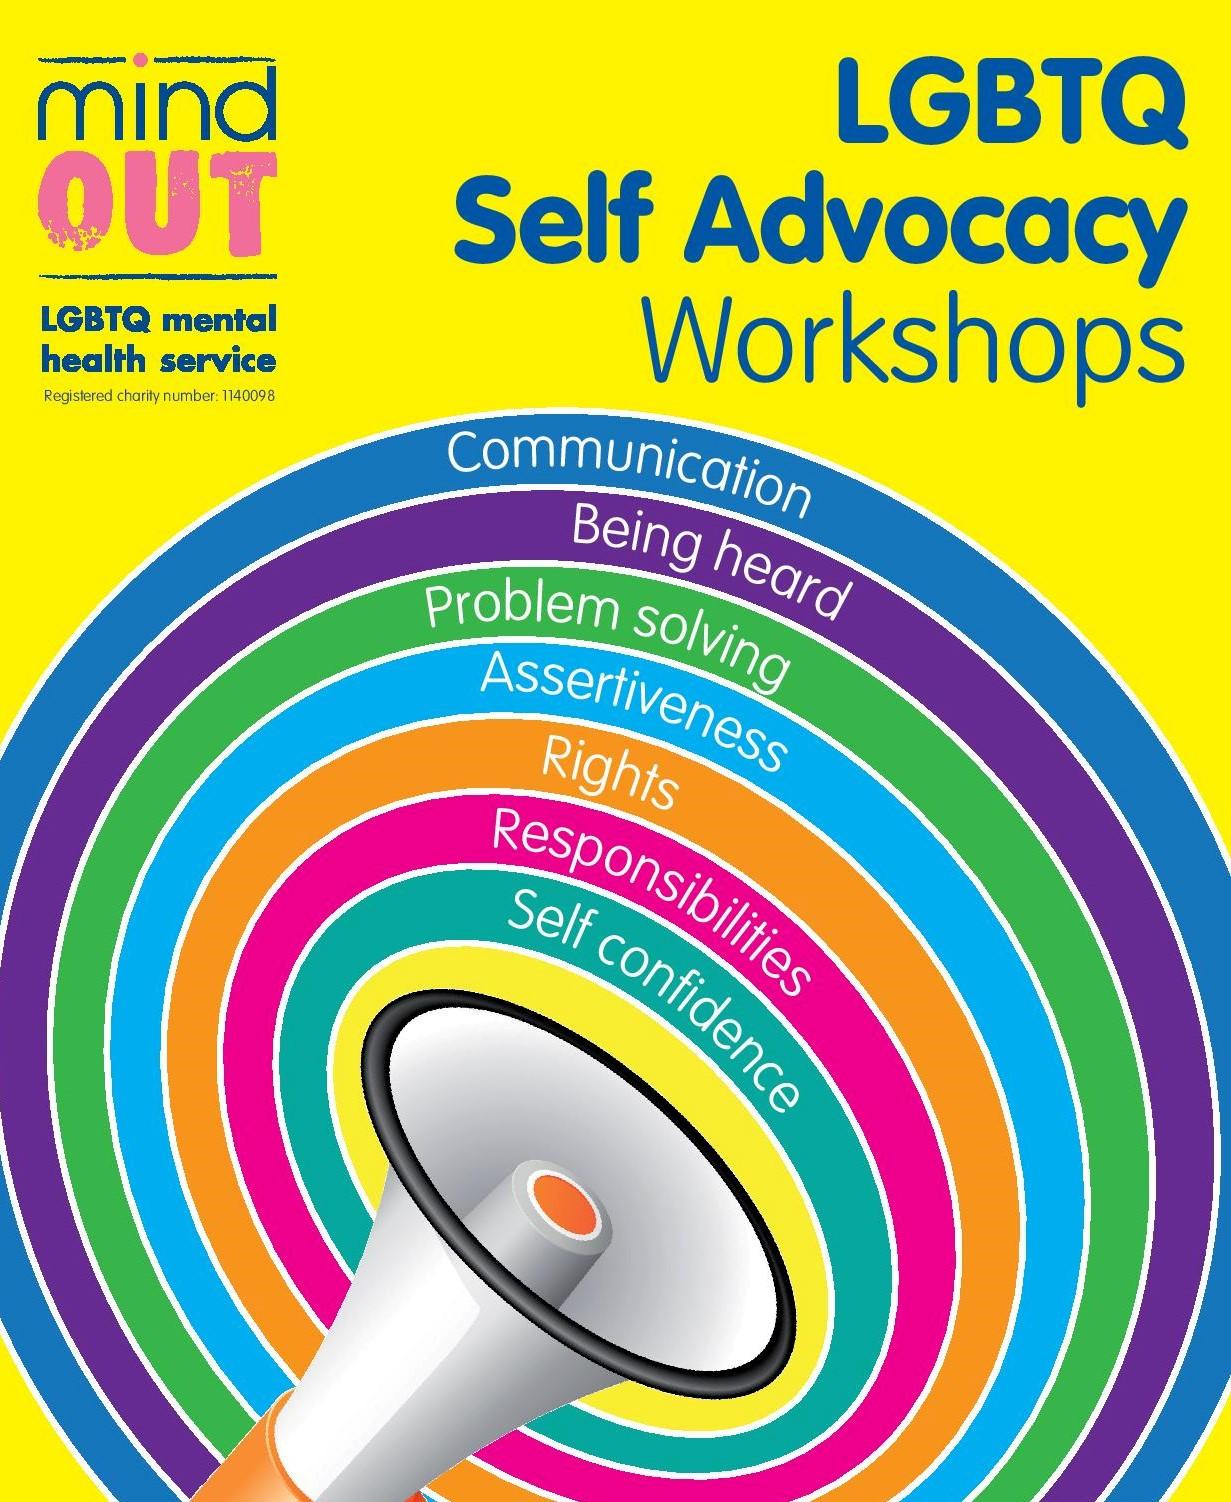 Self-Advocacy Workshop leaflet